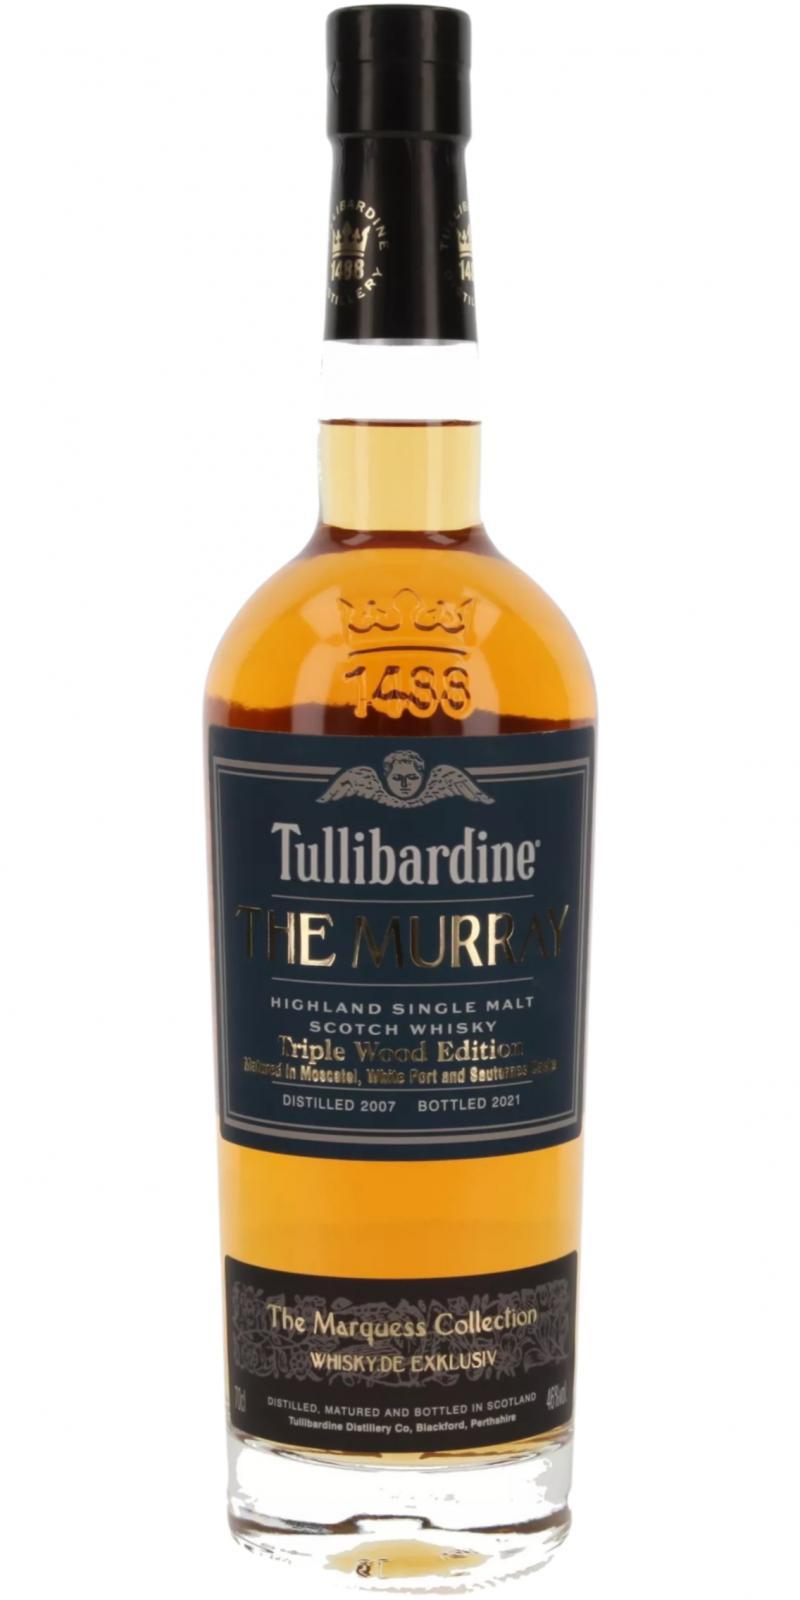 Tullibardine 2007 - The Murray